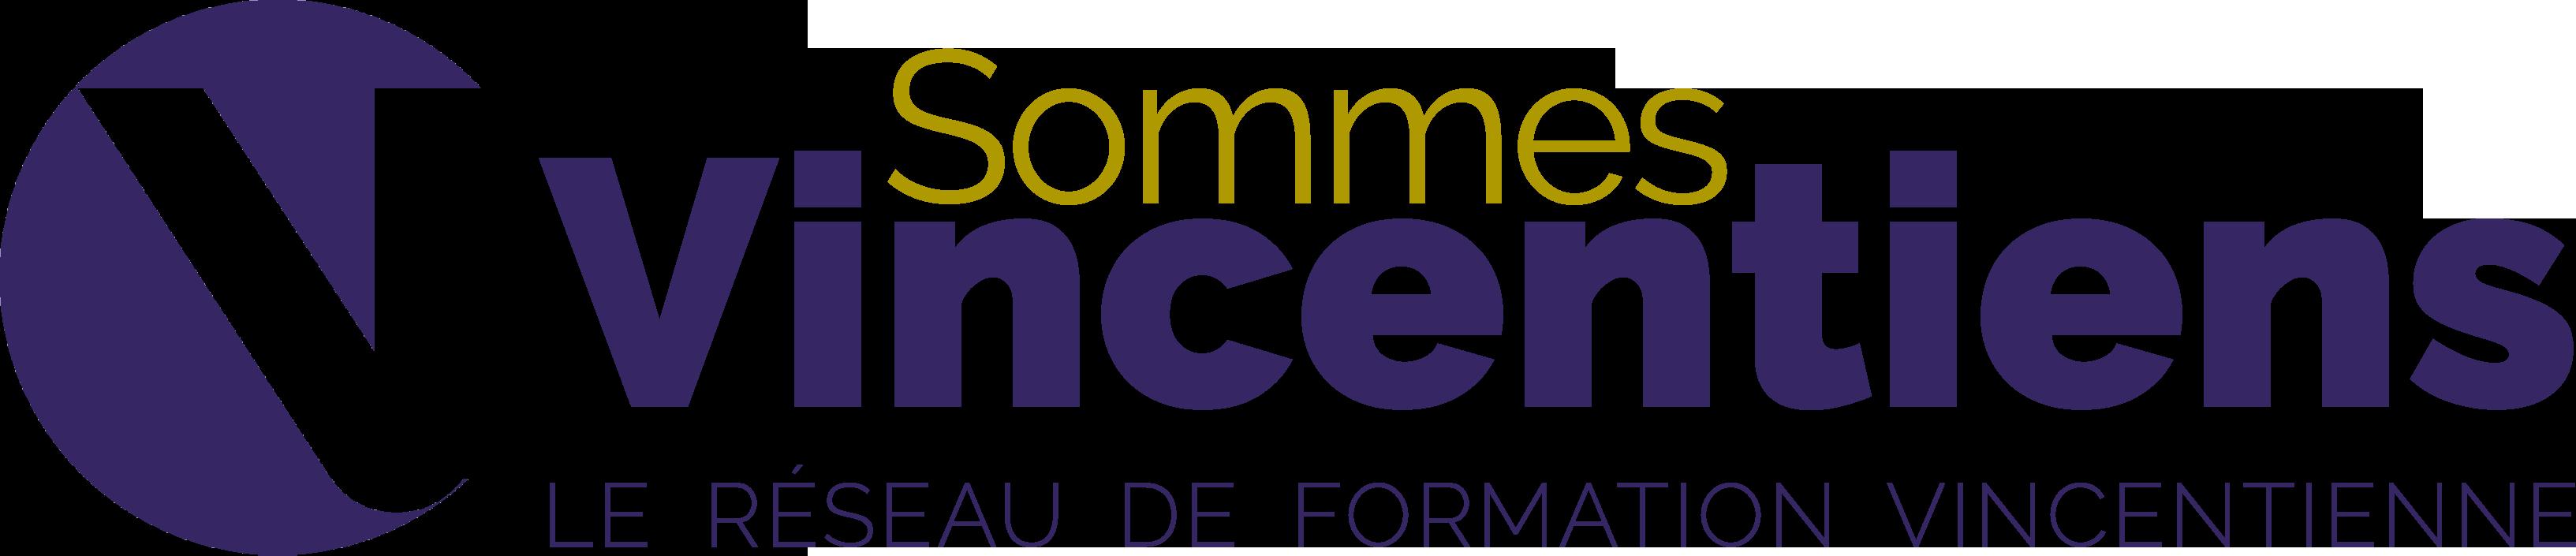 logo vincentians purple